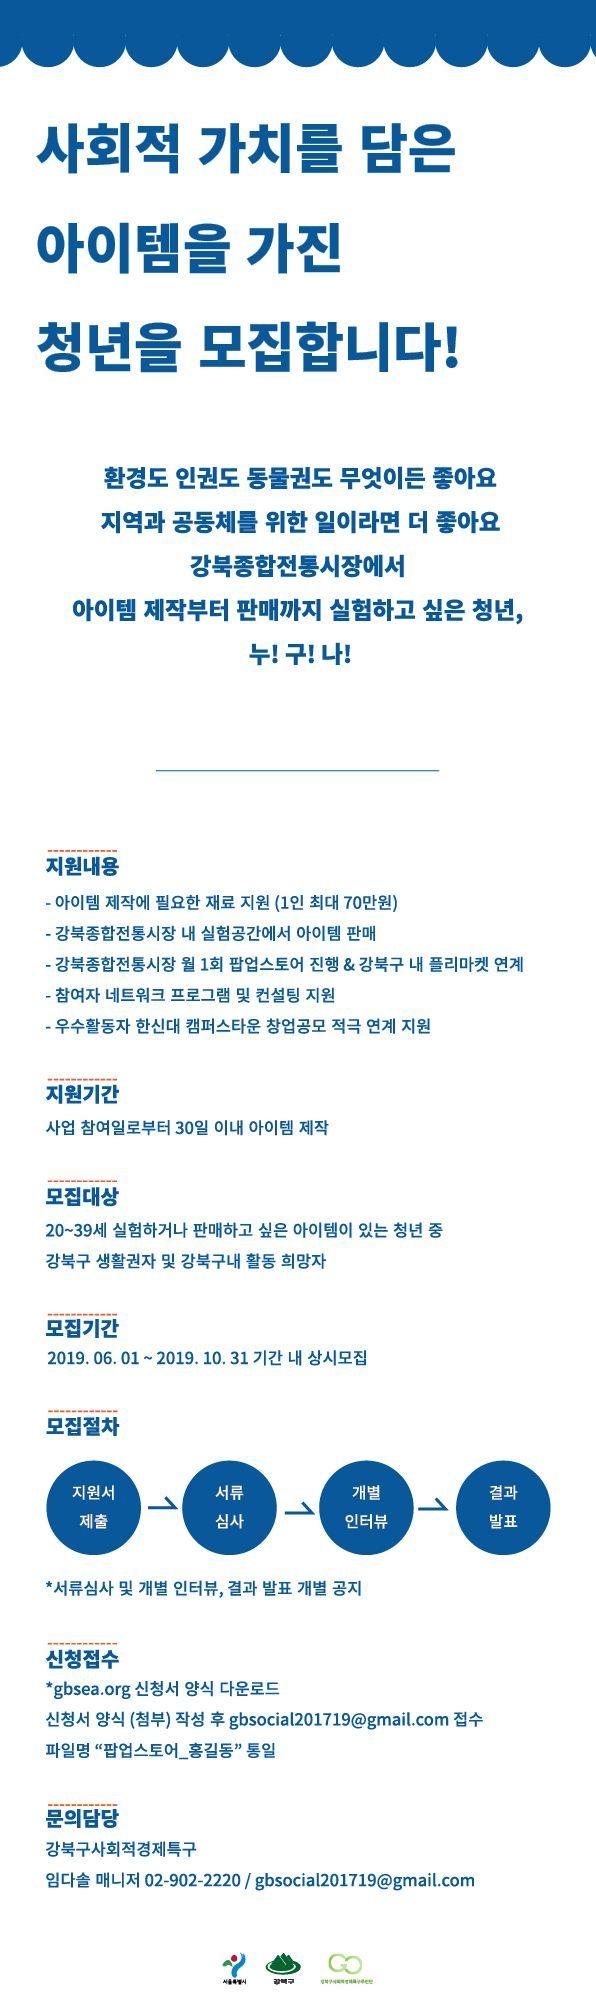 강북구, 청년 위한 창업인큐베이팅·팝업스토어 추진